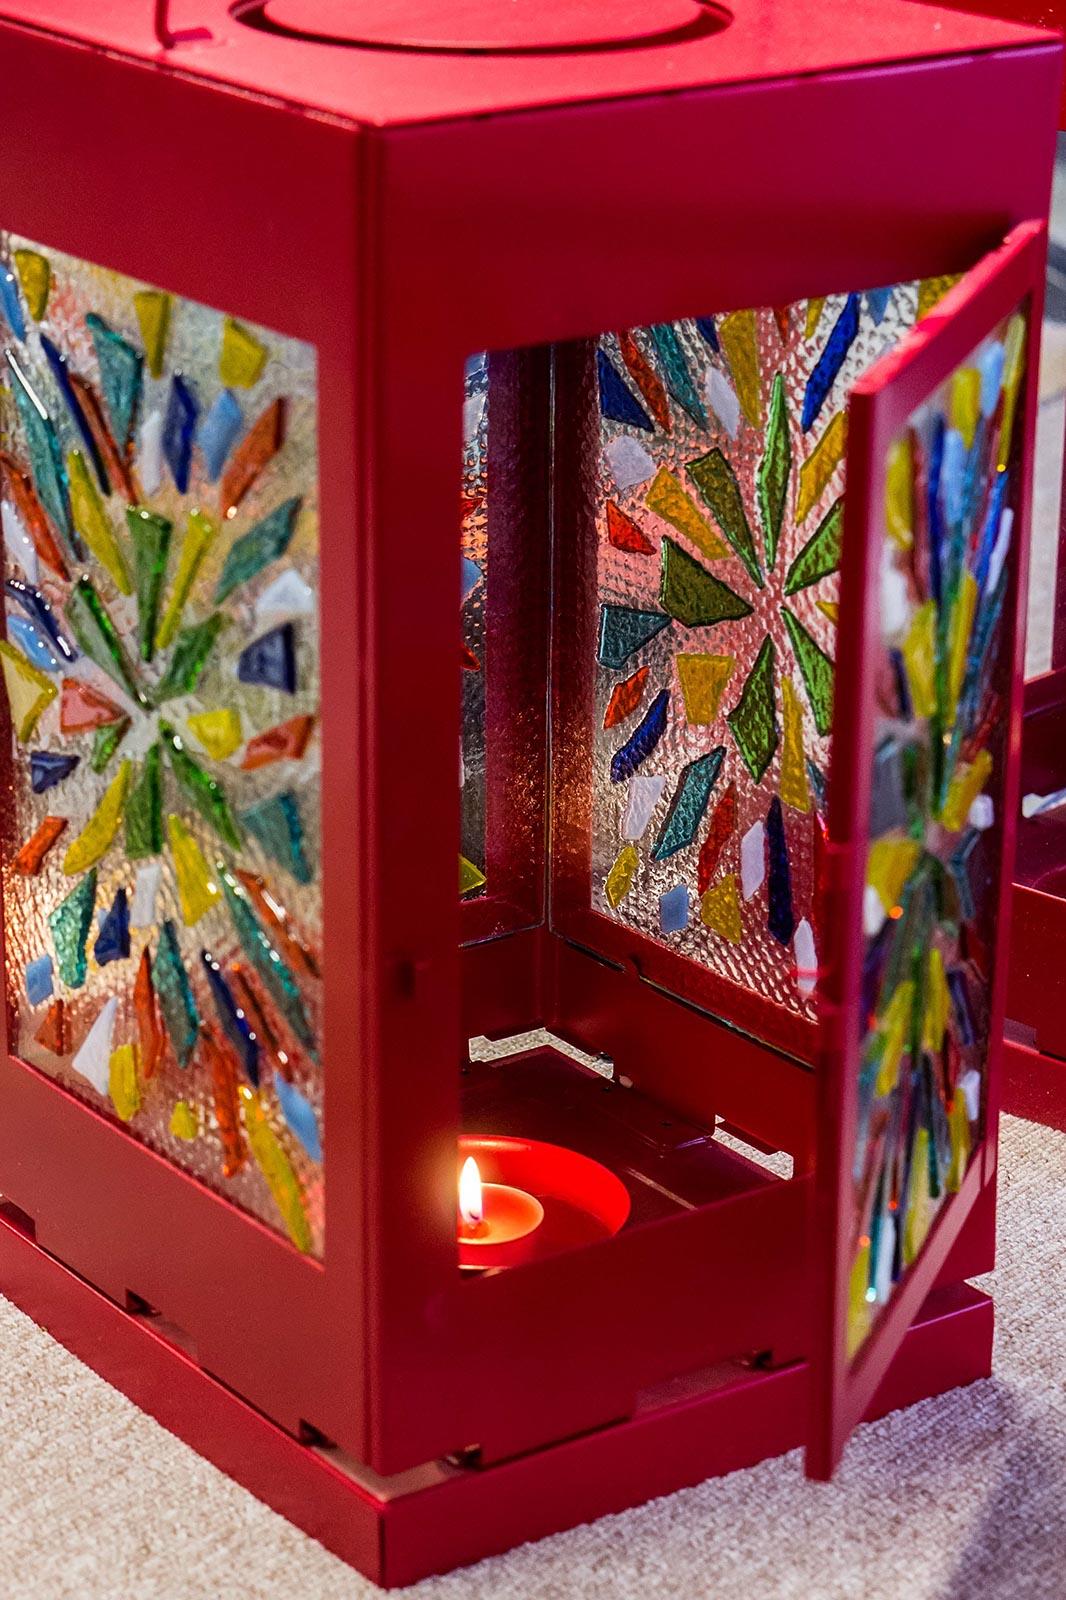 Фото №119231. Декорированный фонарь. Фьюзинг. Дом стеклянного творчества, ноябрь 2012